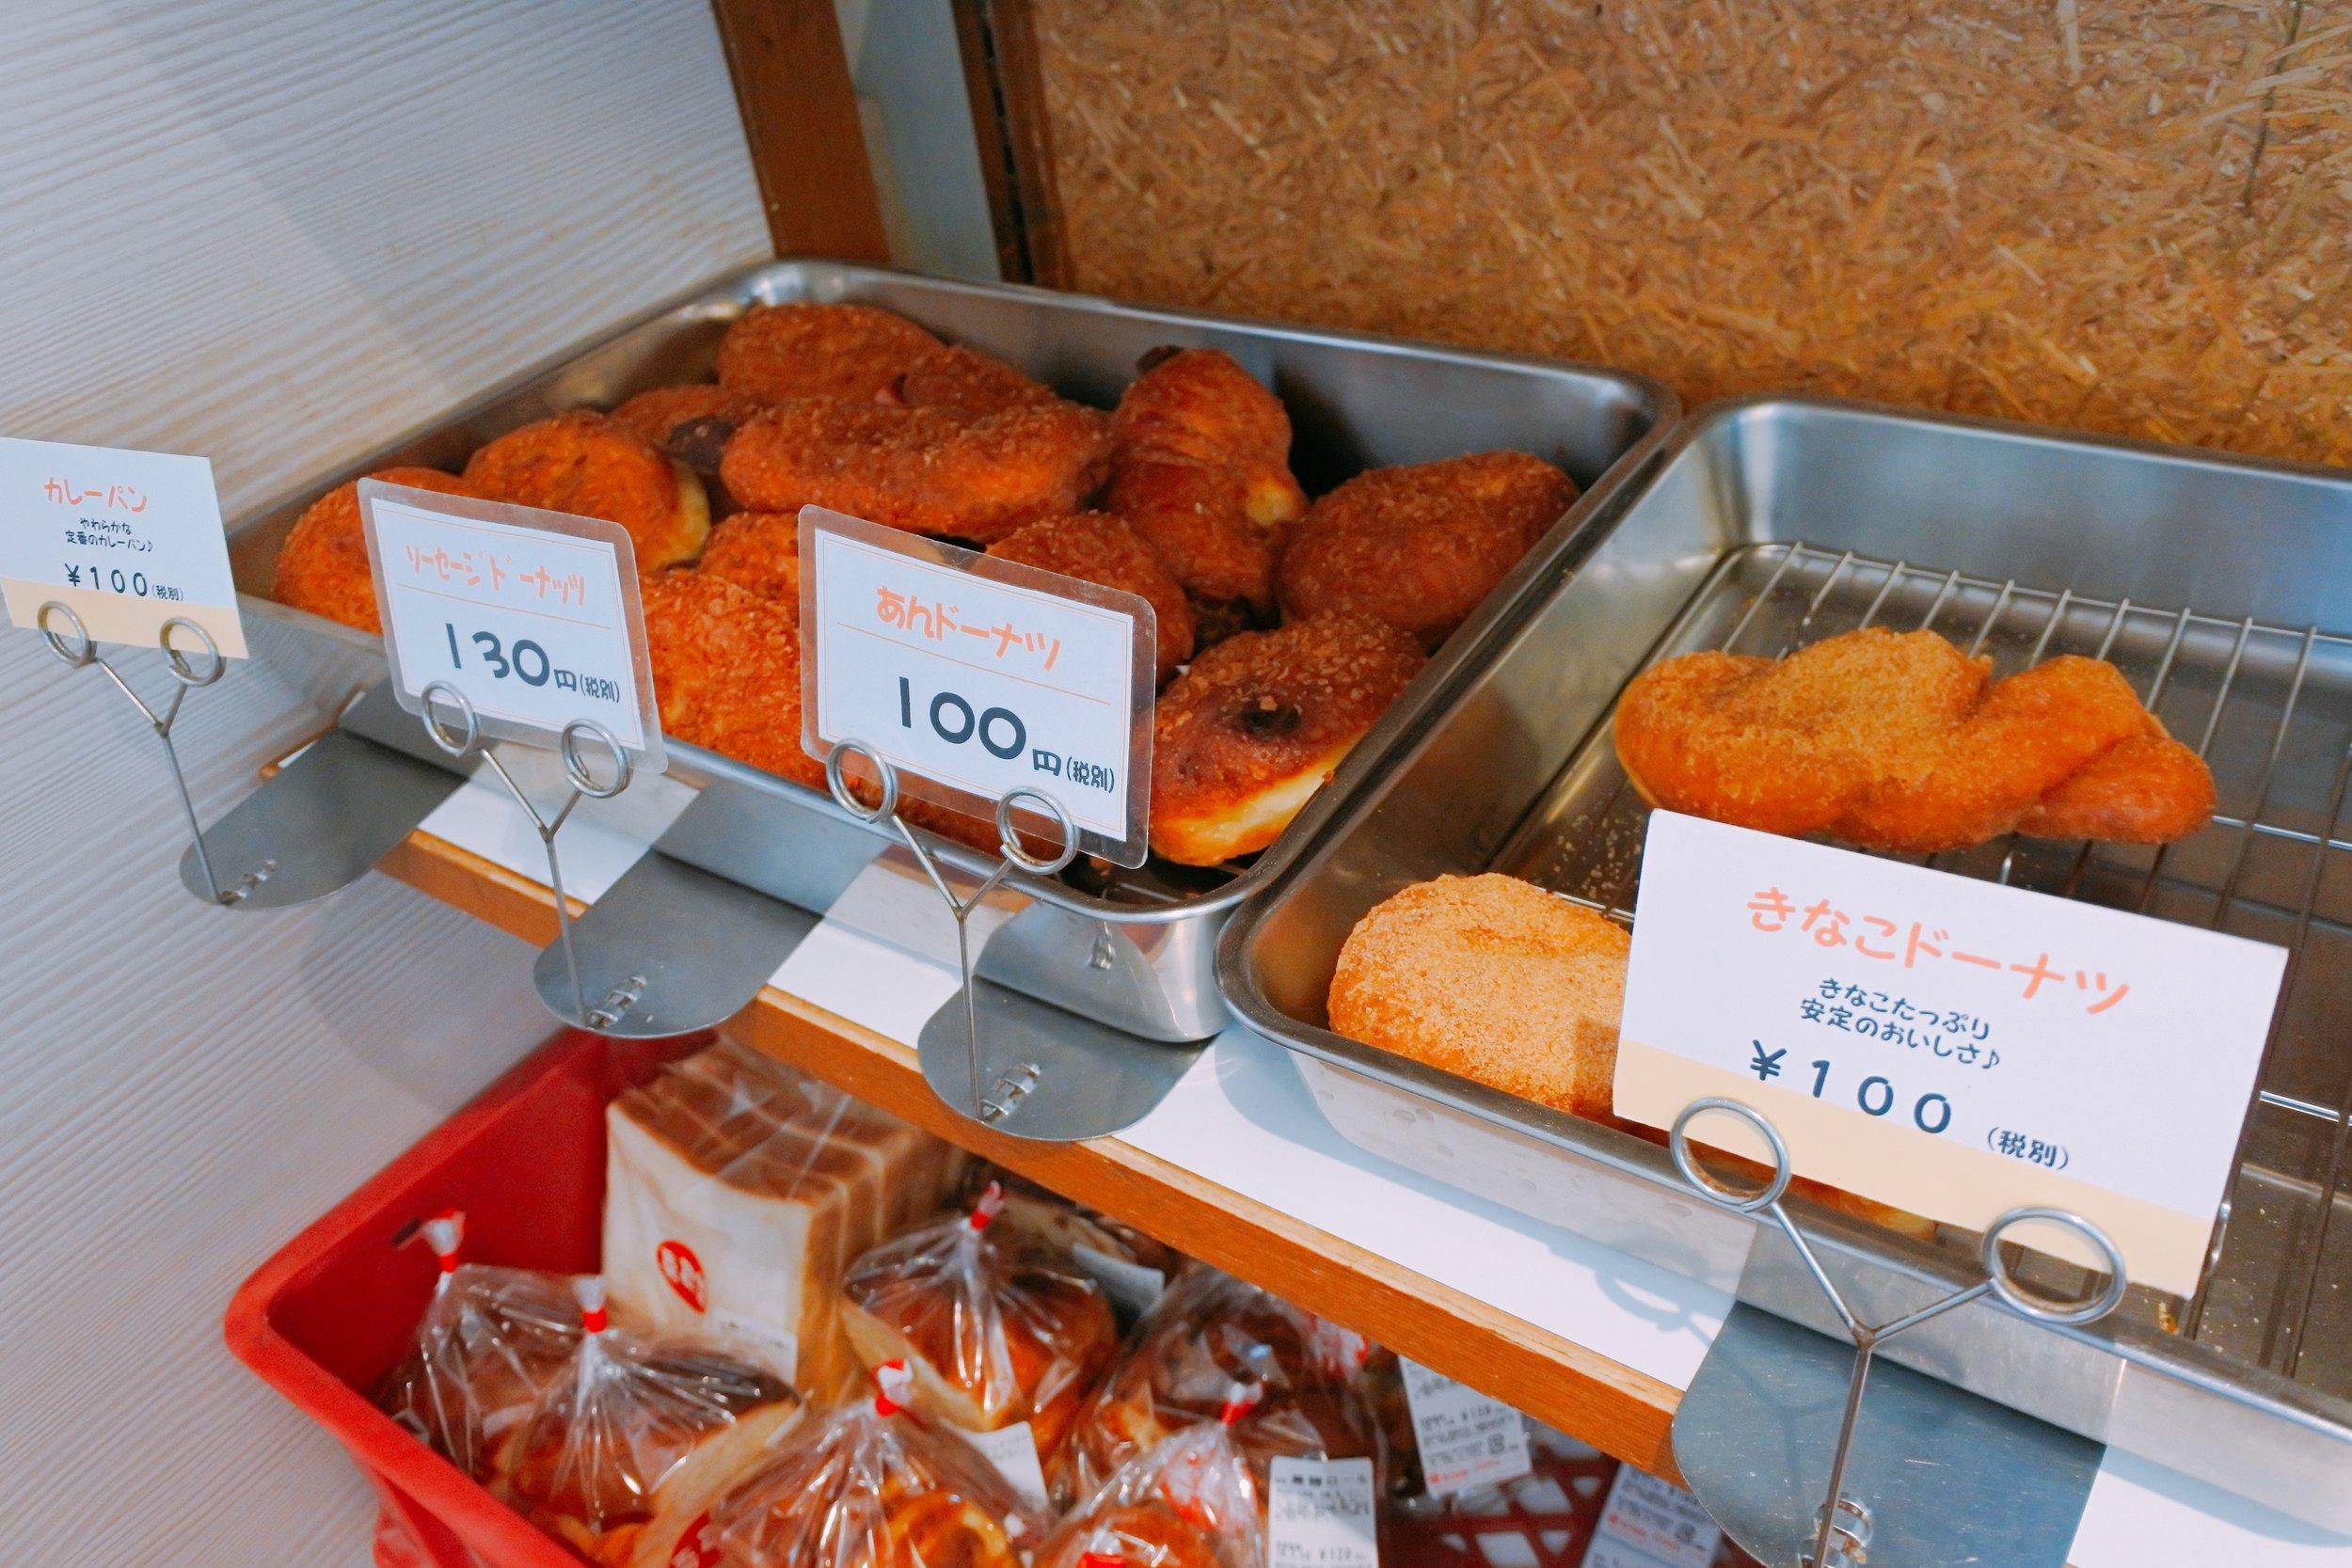 喜昇堂の「カレーパン」「ソーセージドーナッツ」「あんドーナツ」「きなこドーナツ」